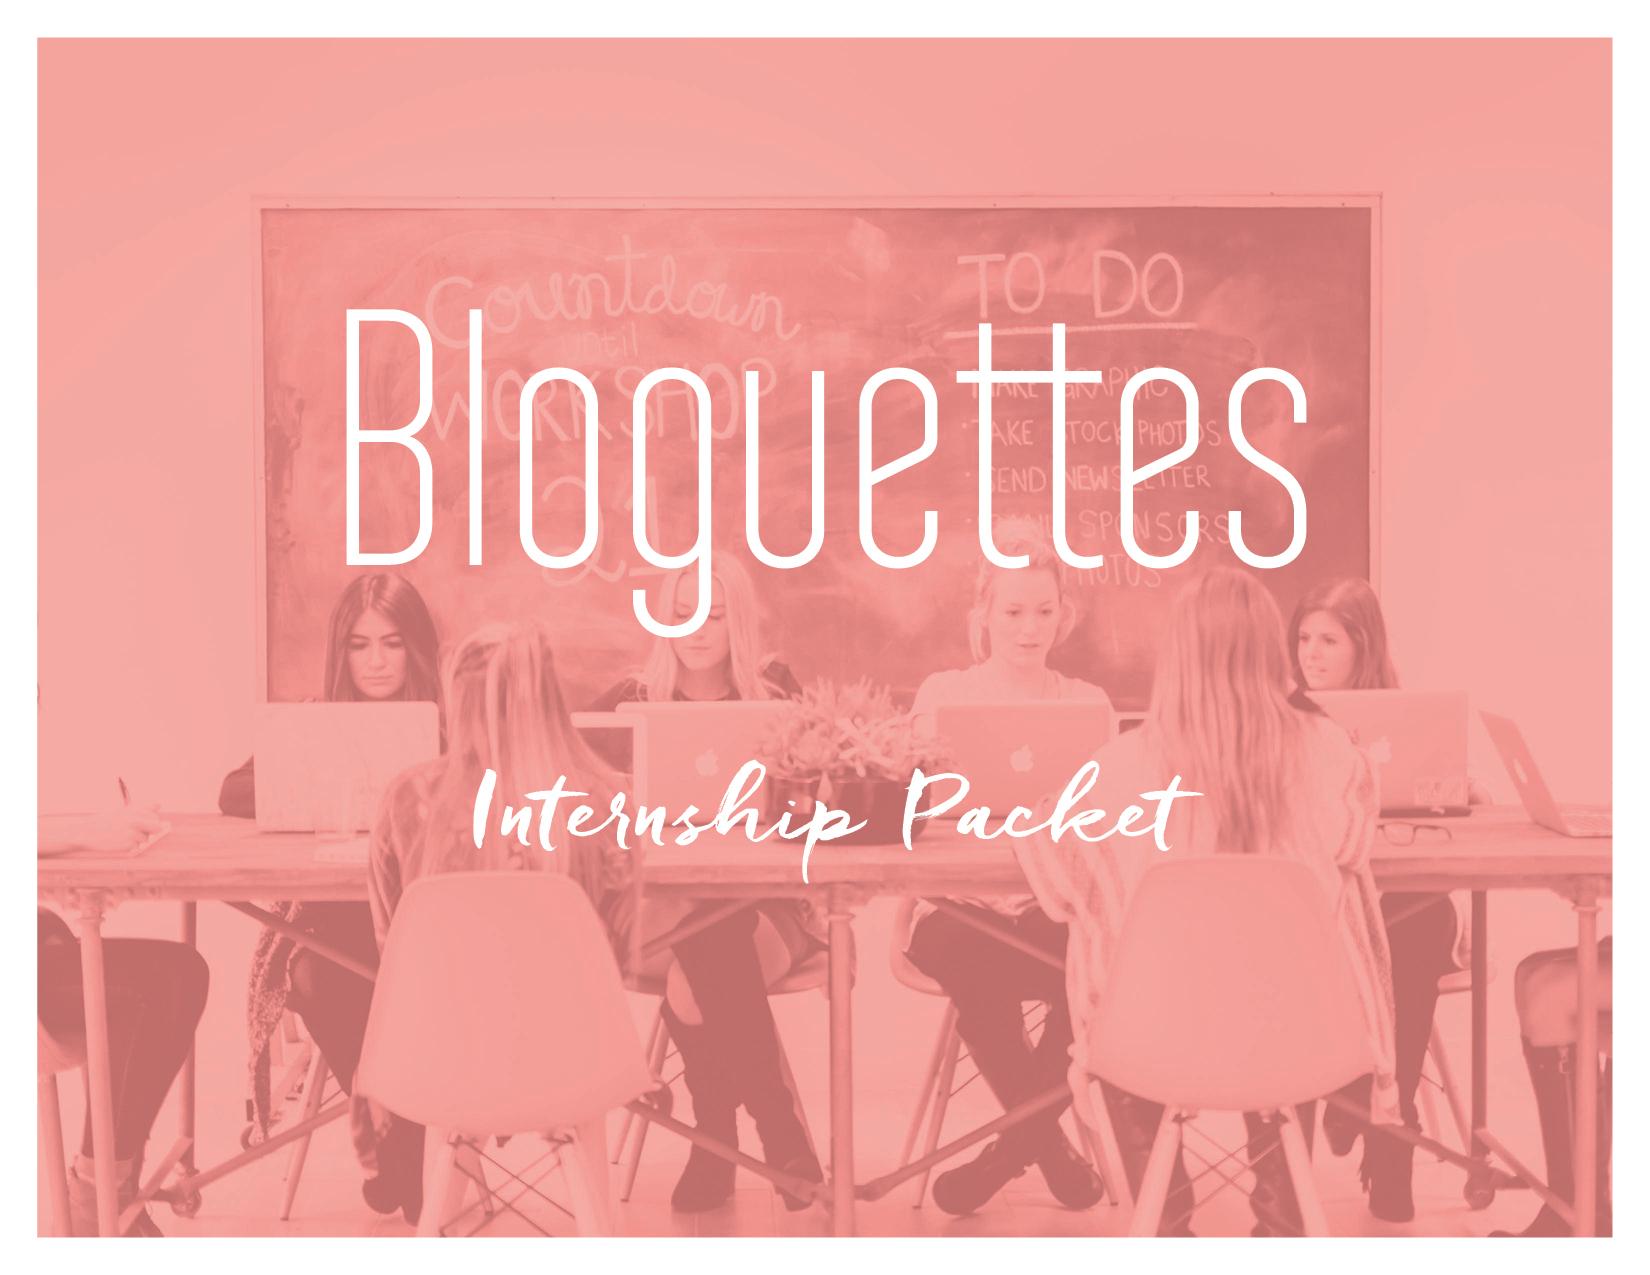 BloguettesInternshipPacket-Creative-Print2.jpg